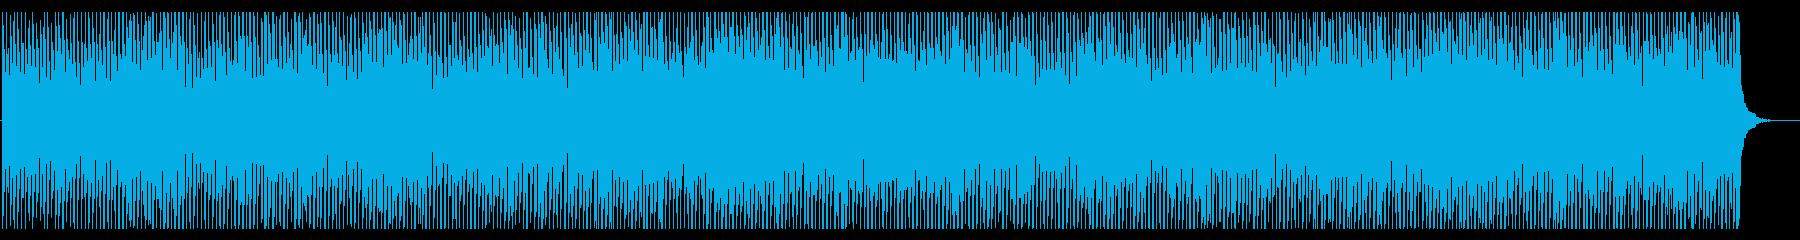 ロック・ピアノ・キラキラ・アップテンポの再生済みの波形